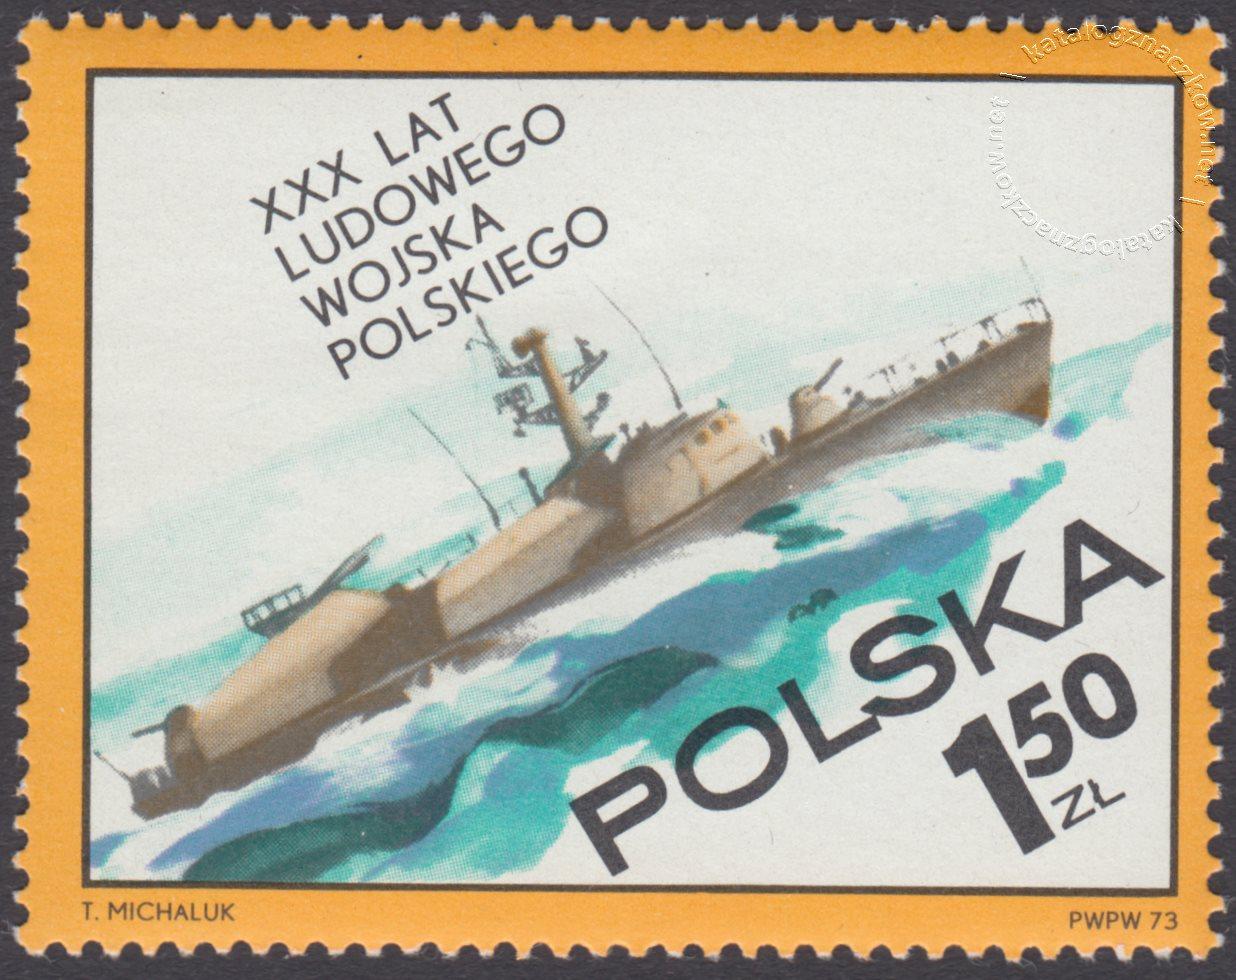 30 lecie Ludowego Wojska Polskiego znaczek nr 2130